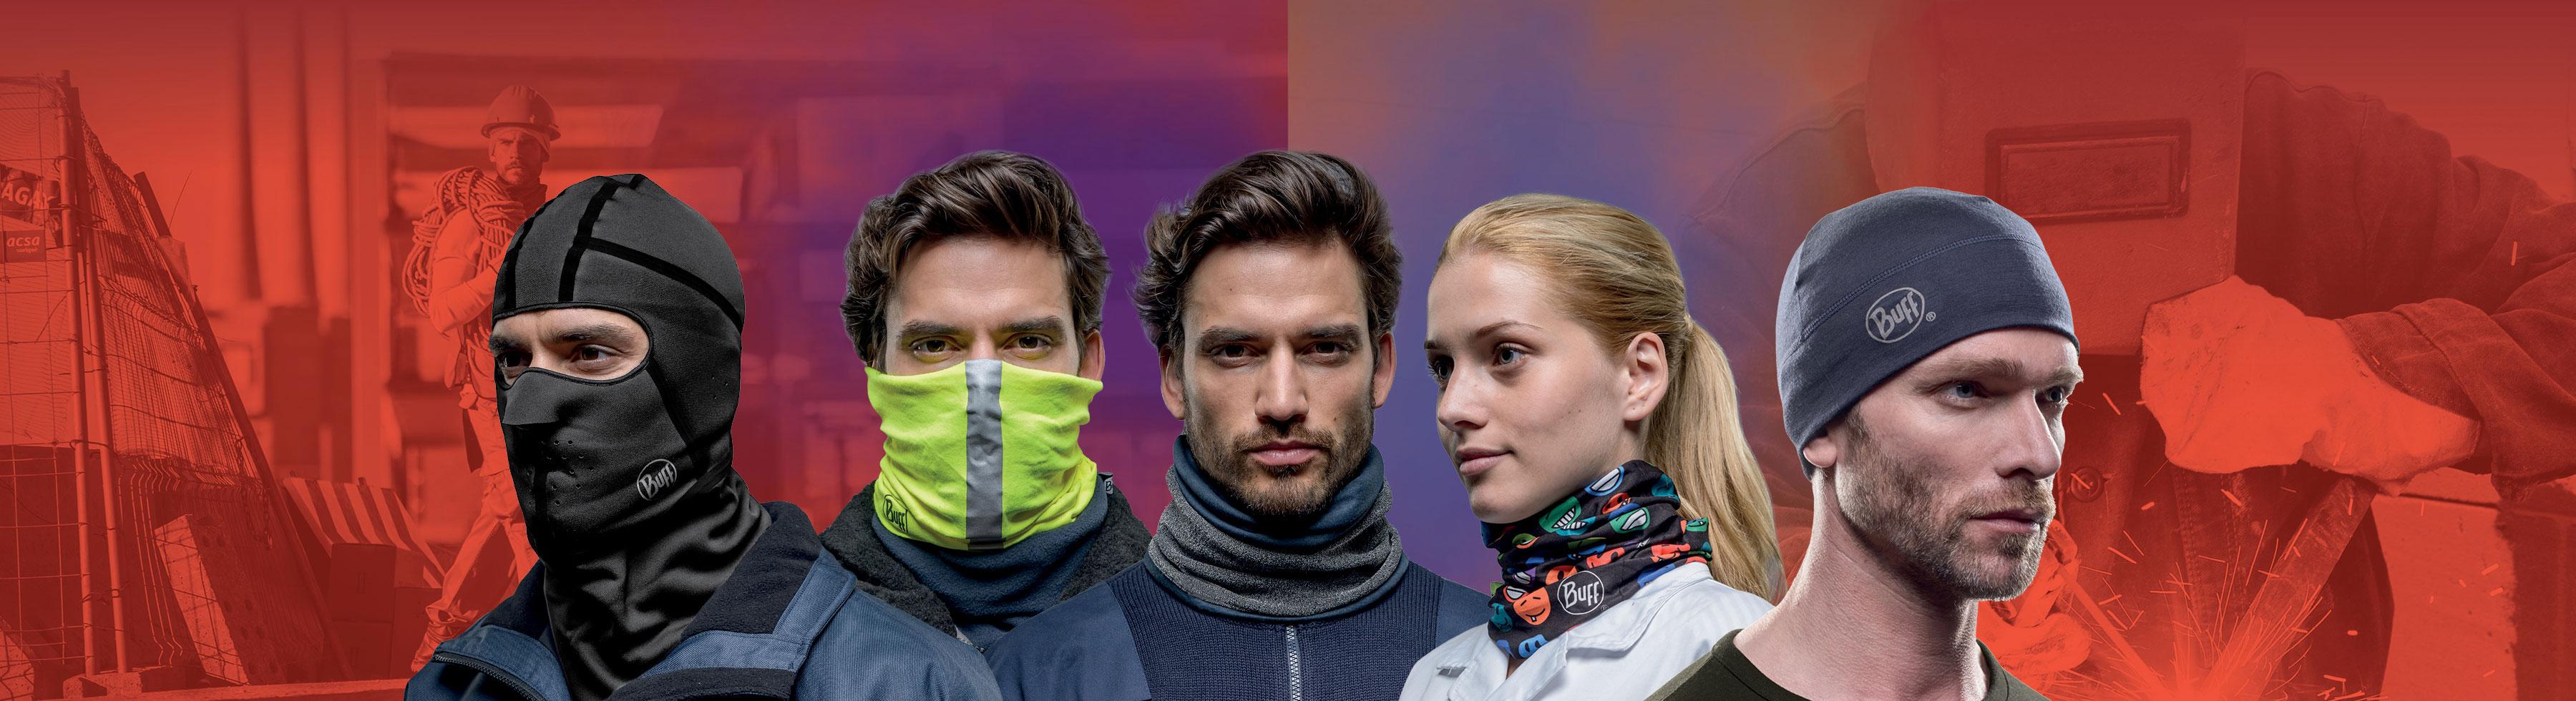 BUFF - Halsdisse - halsrør - huer med firma identitet og eget design